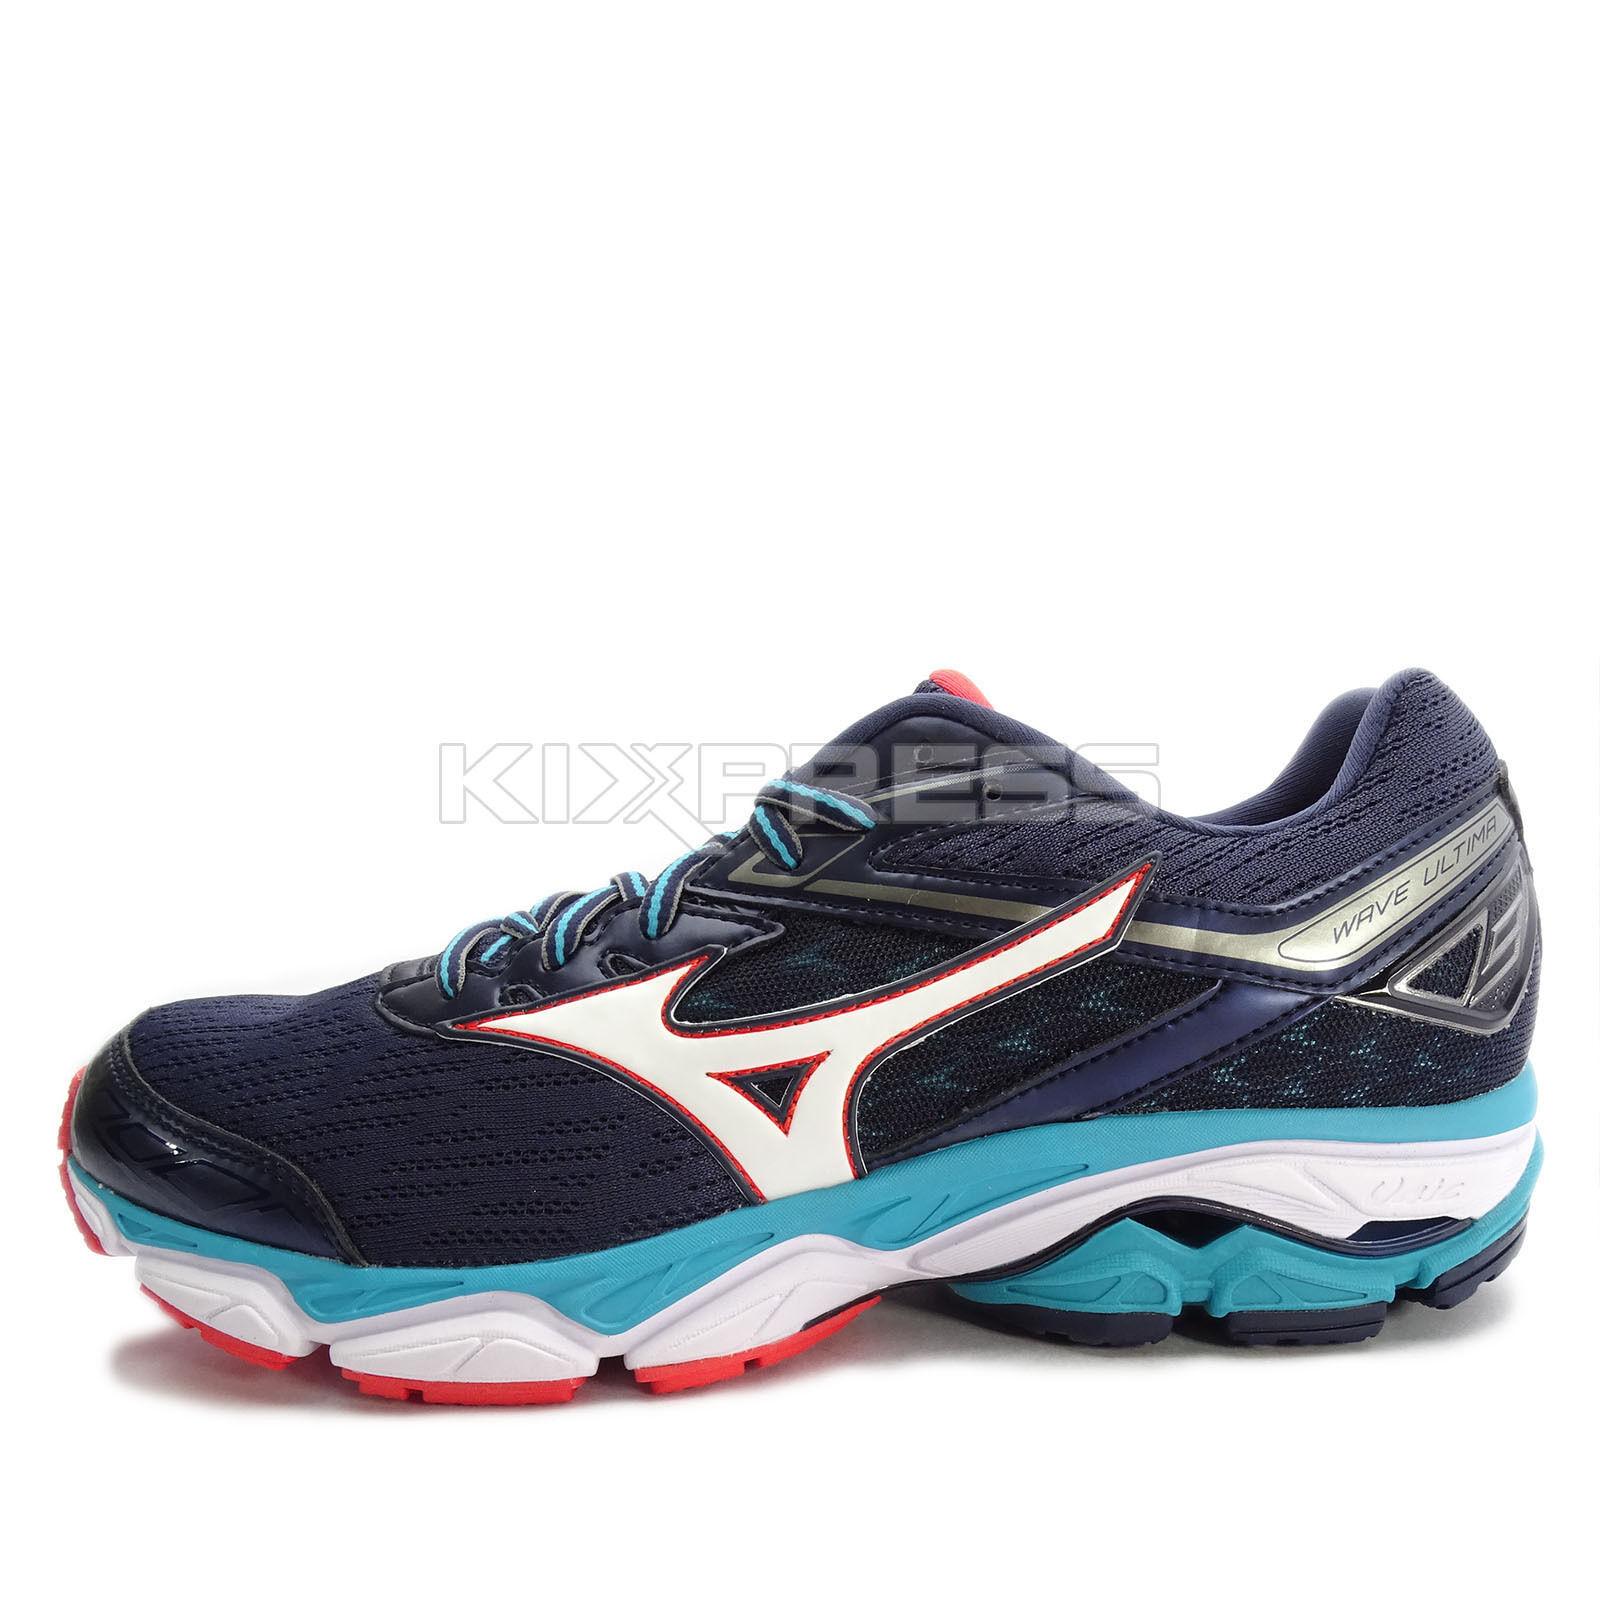 Mizuno Wave Ultima 9 [J1GC170901] Men Running Shoes Navy/White-Turquoise